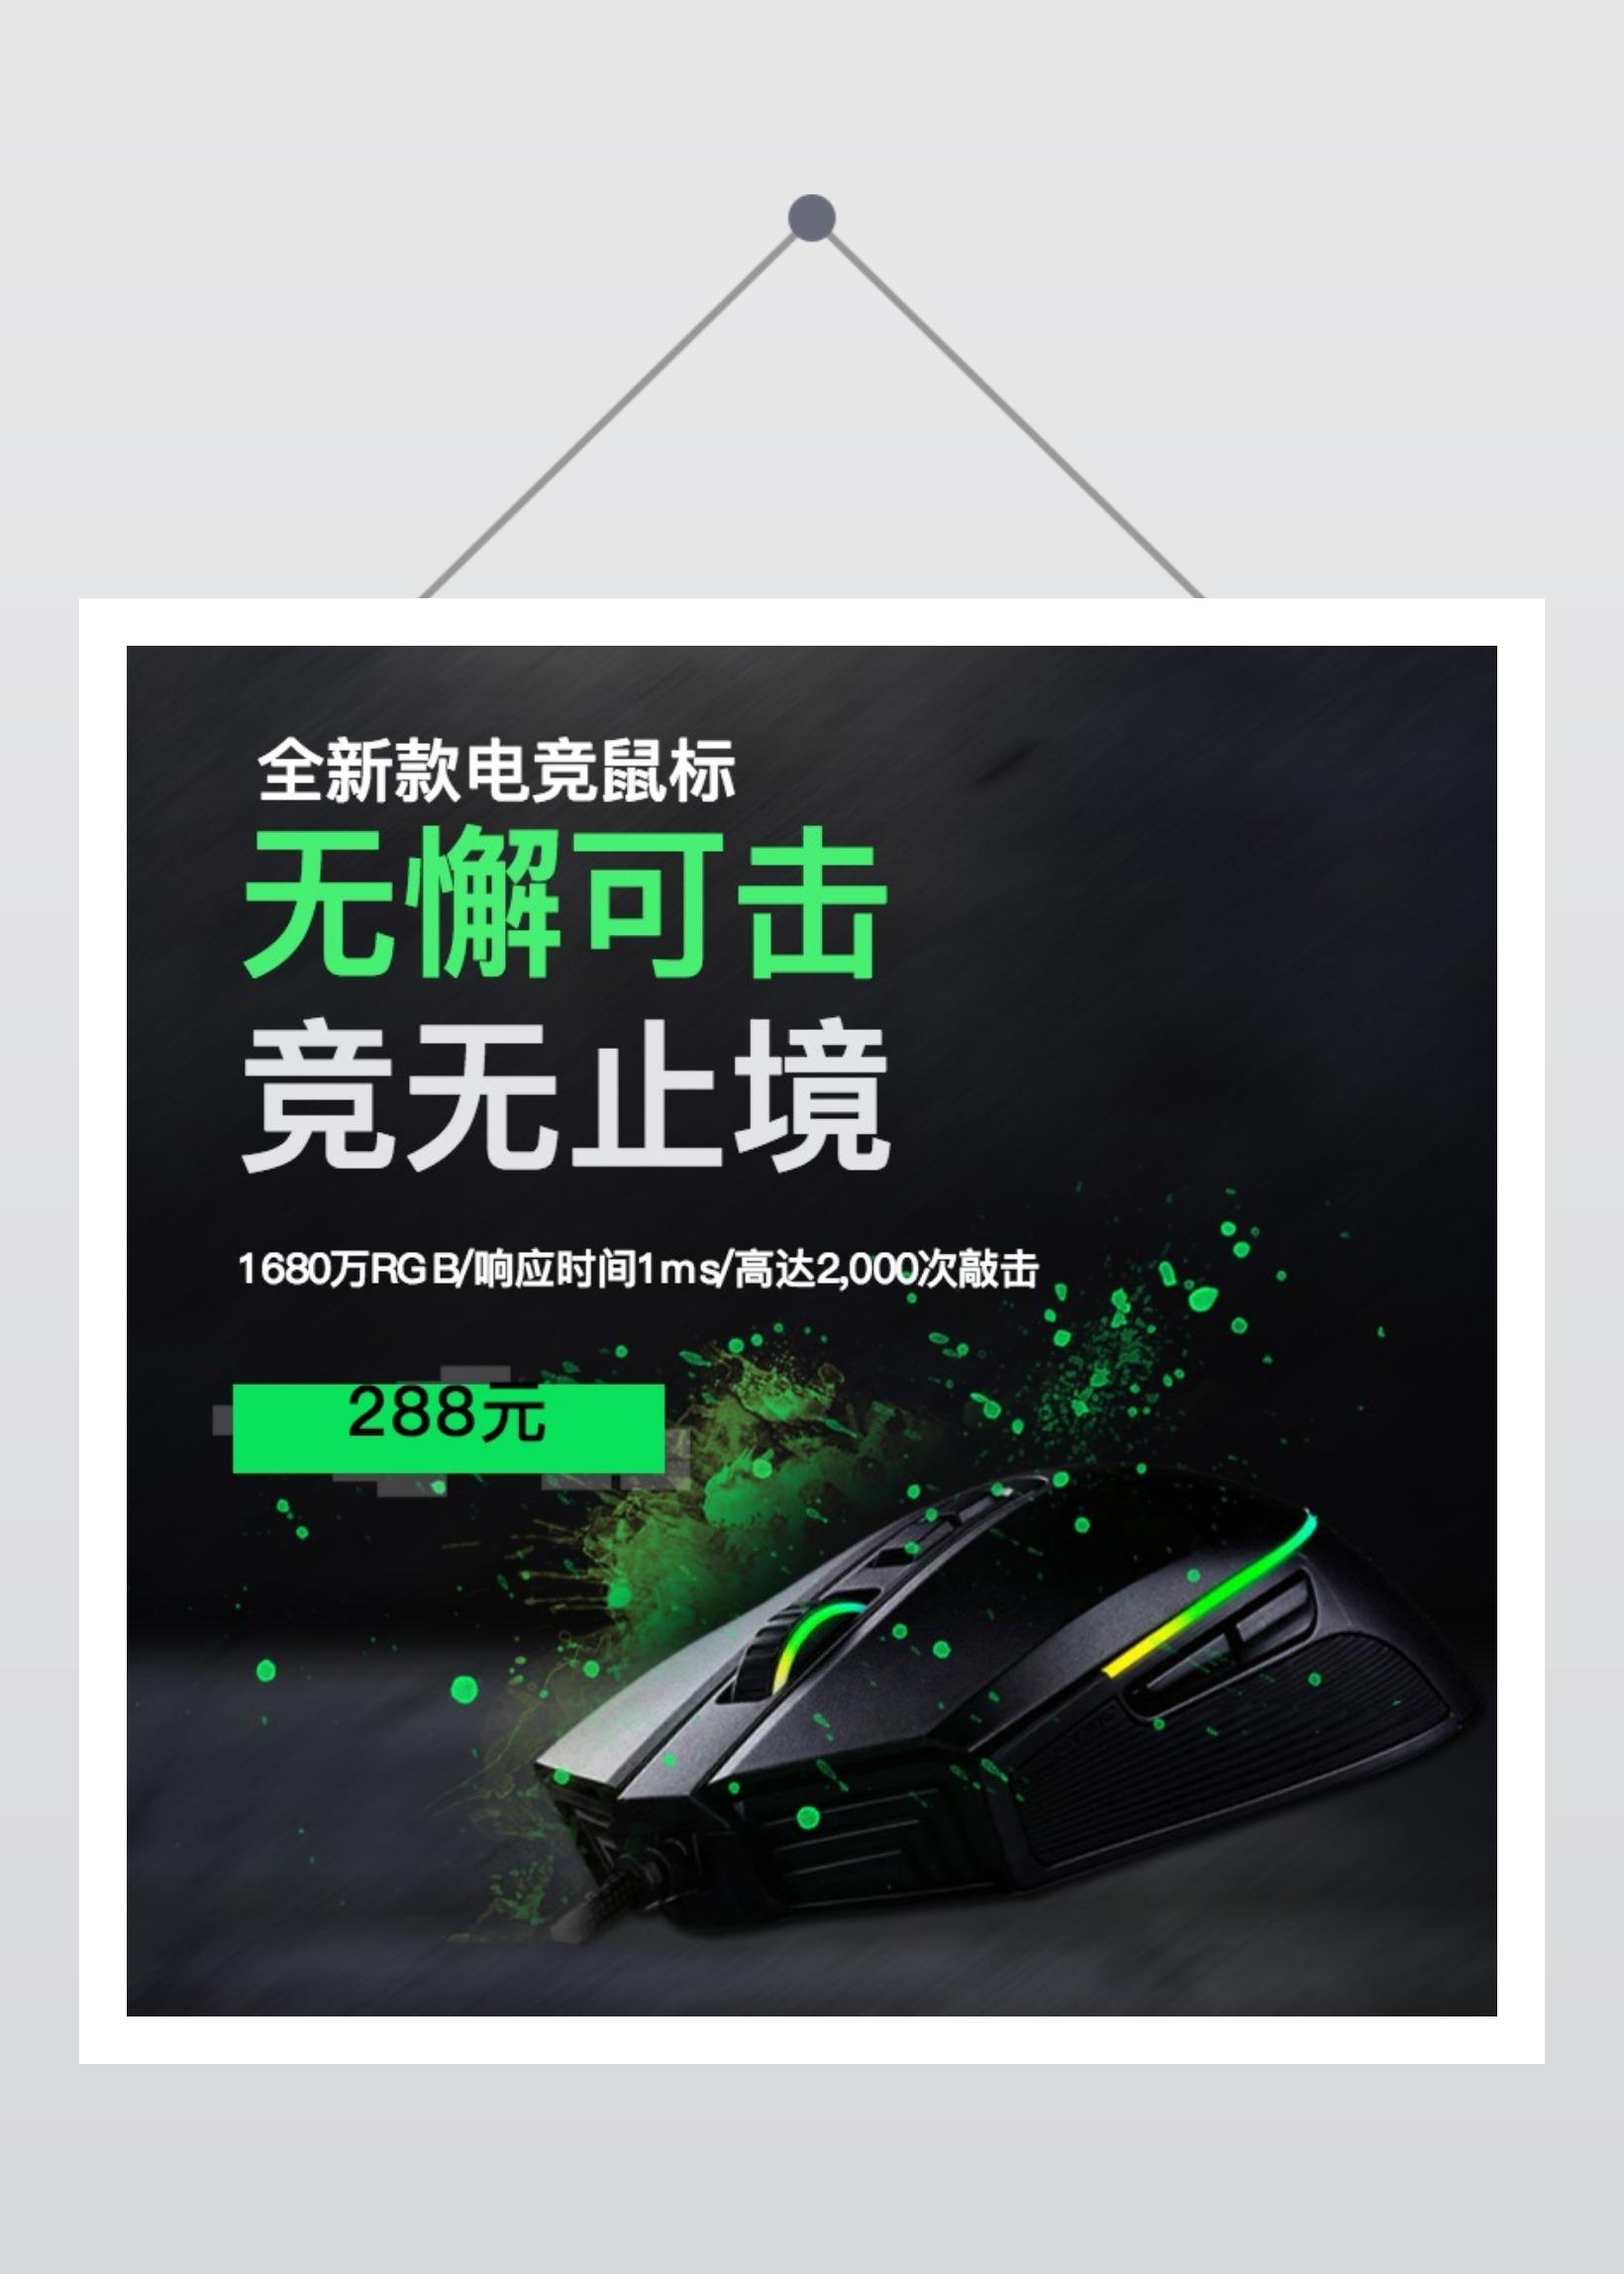 时尚炫酷竞技鼠标电商主图